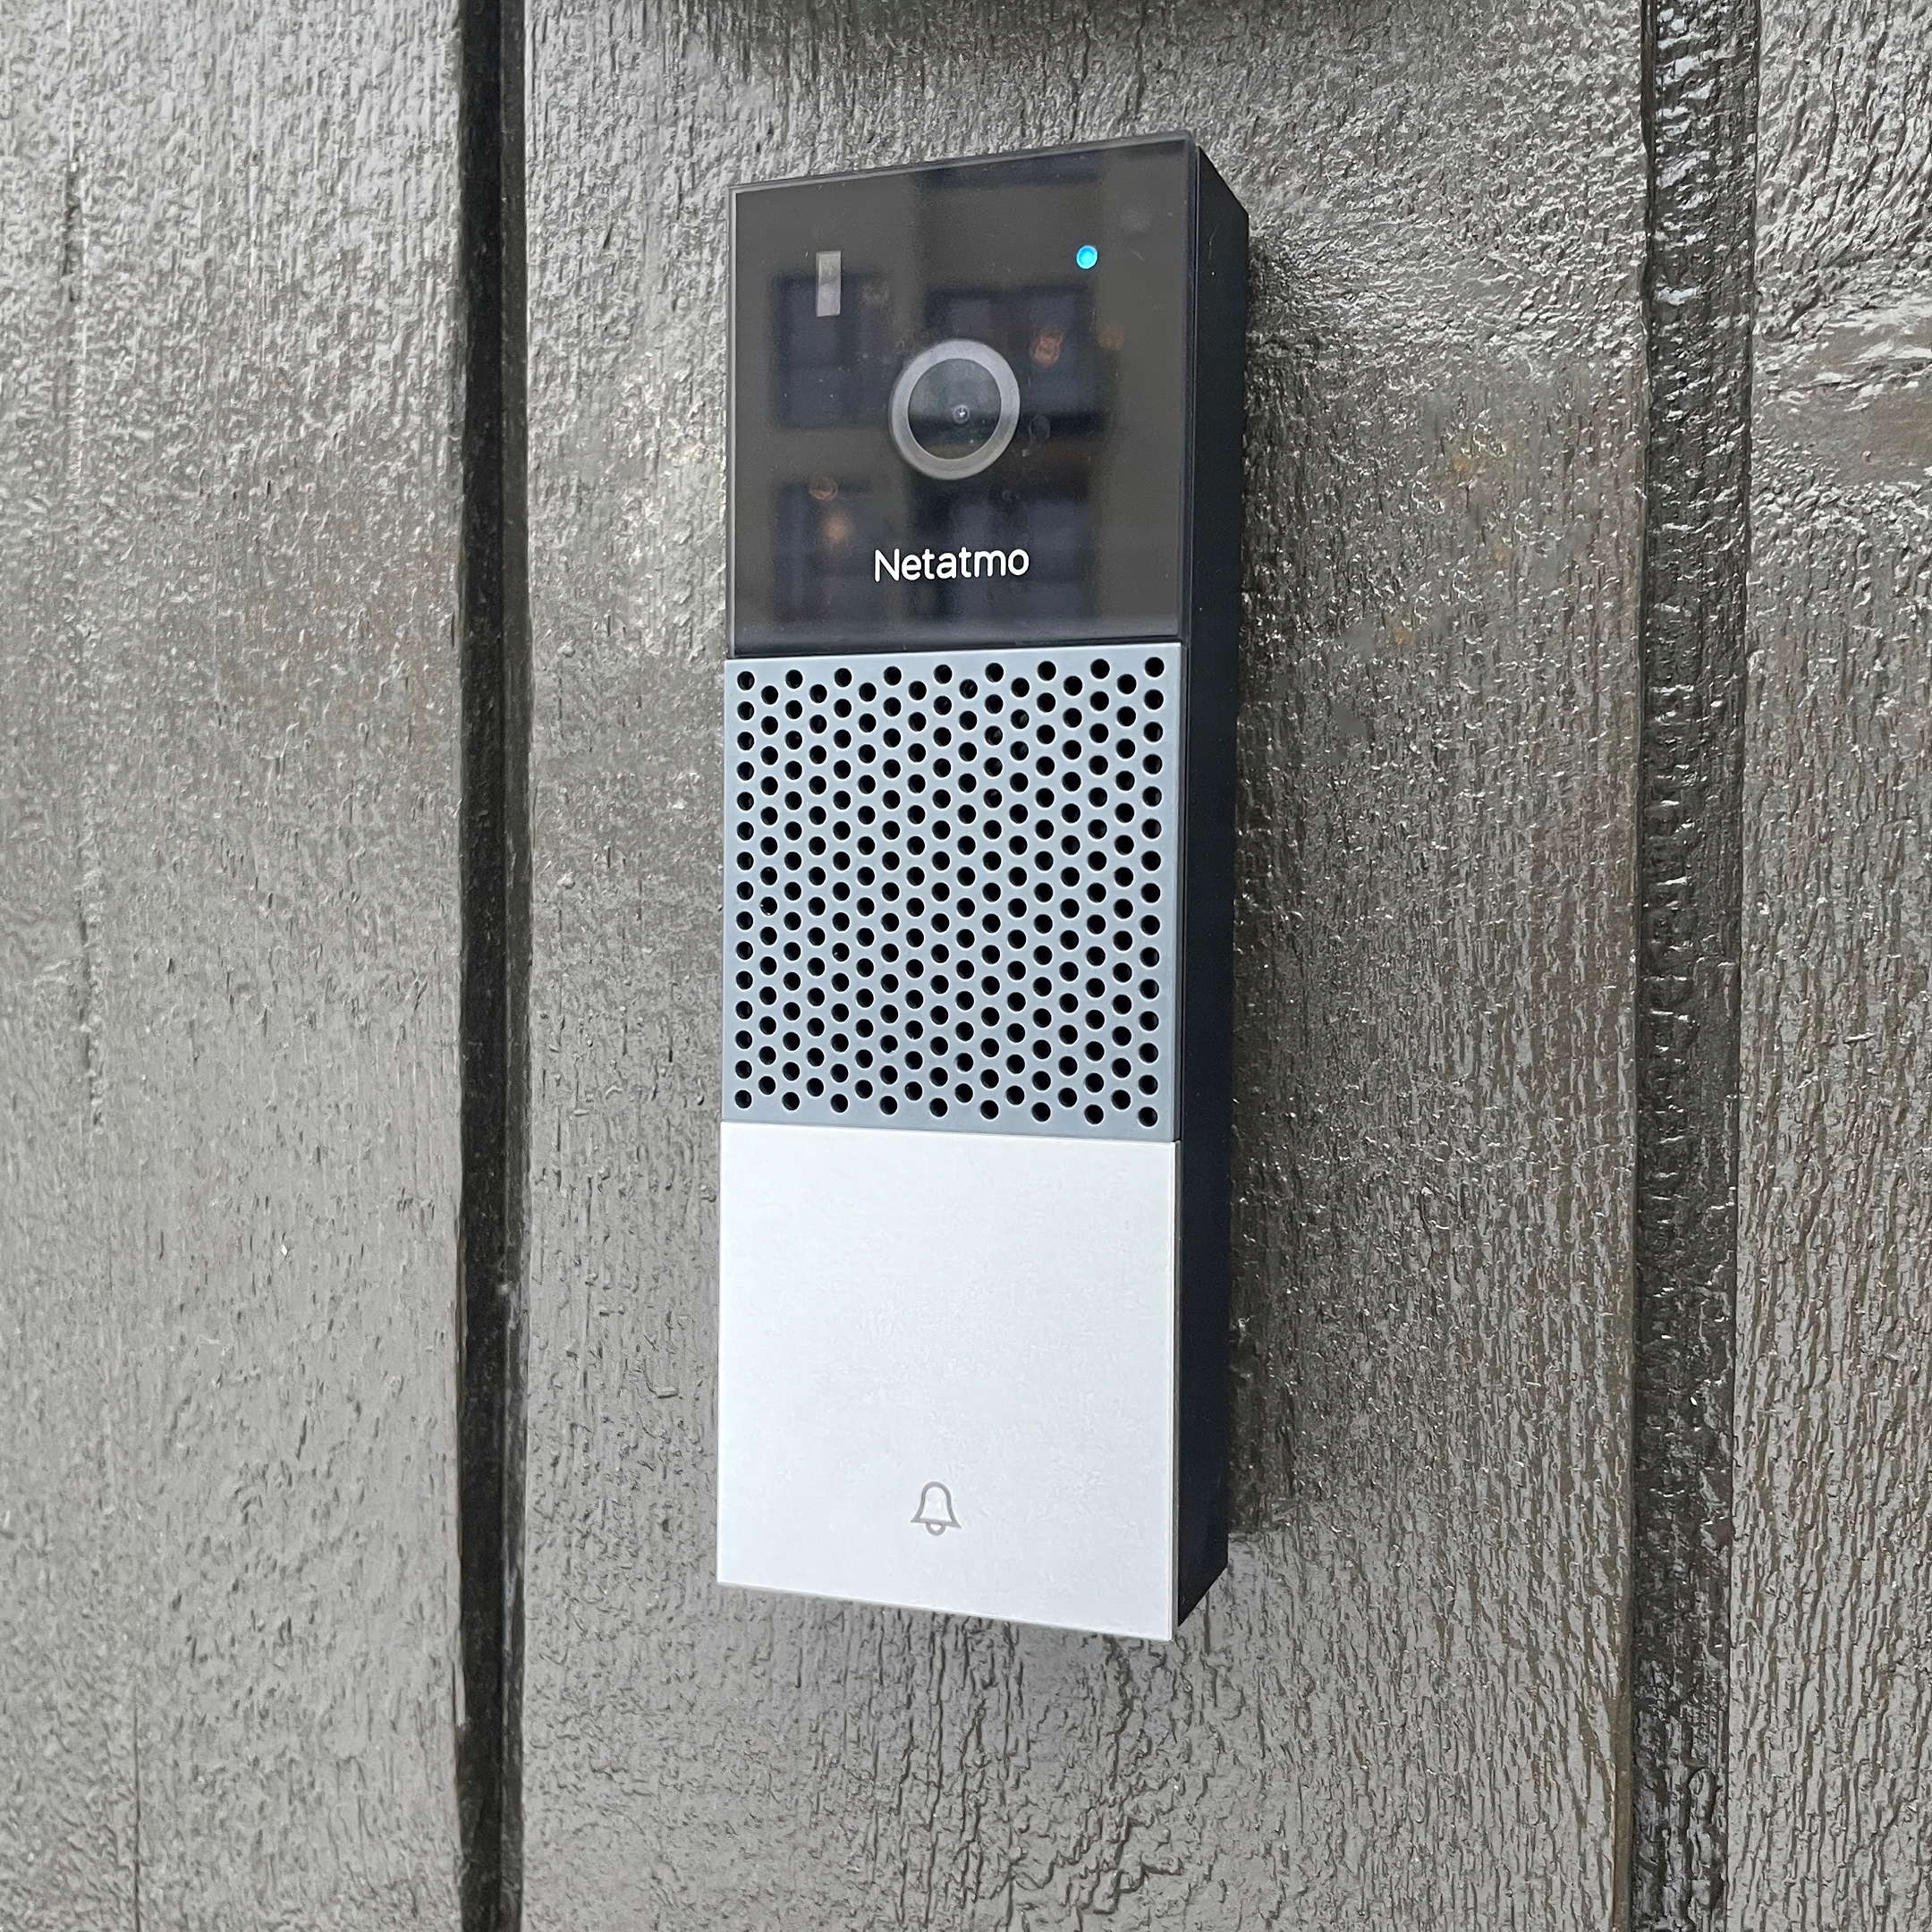 Netatmo Smart Video Doorbell installed(3)-gigapixel-width-2160px